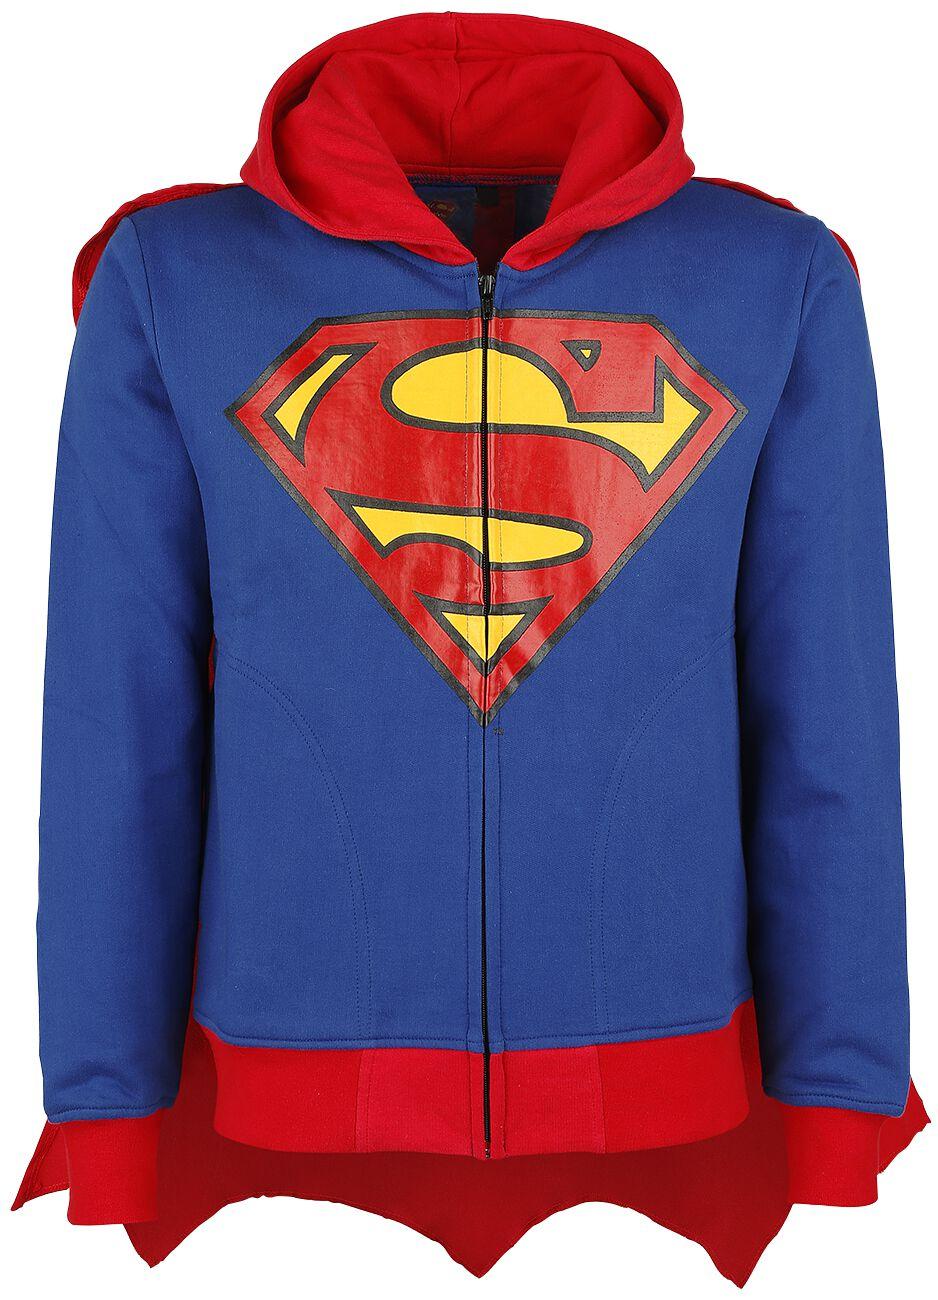 Merch dla Fanów - Bluzy z kapturem - Bluza z kapturem rozpinana Superman Super Hood Bluza z kapturem rozpinana niebieski/czerwony - 344974